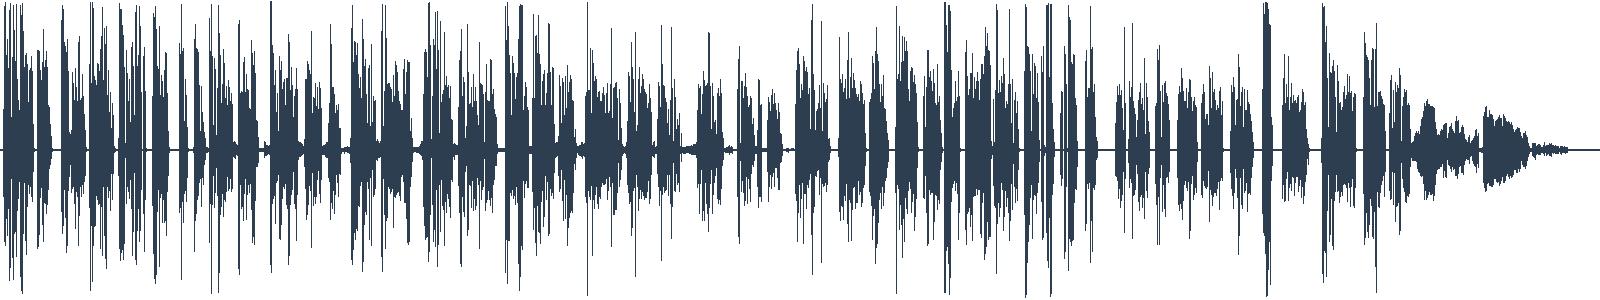 Anihilace - ukázka z audioknihy waveform